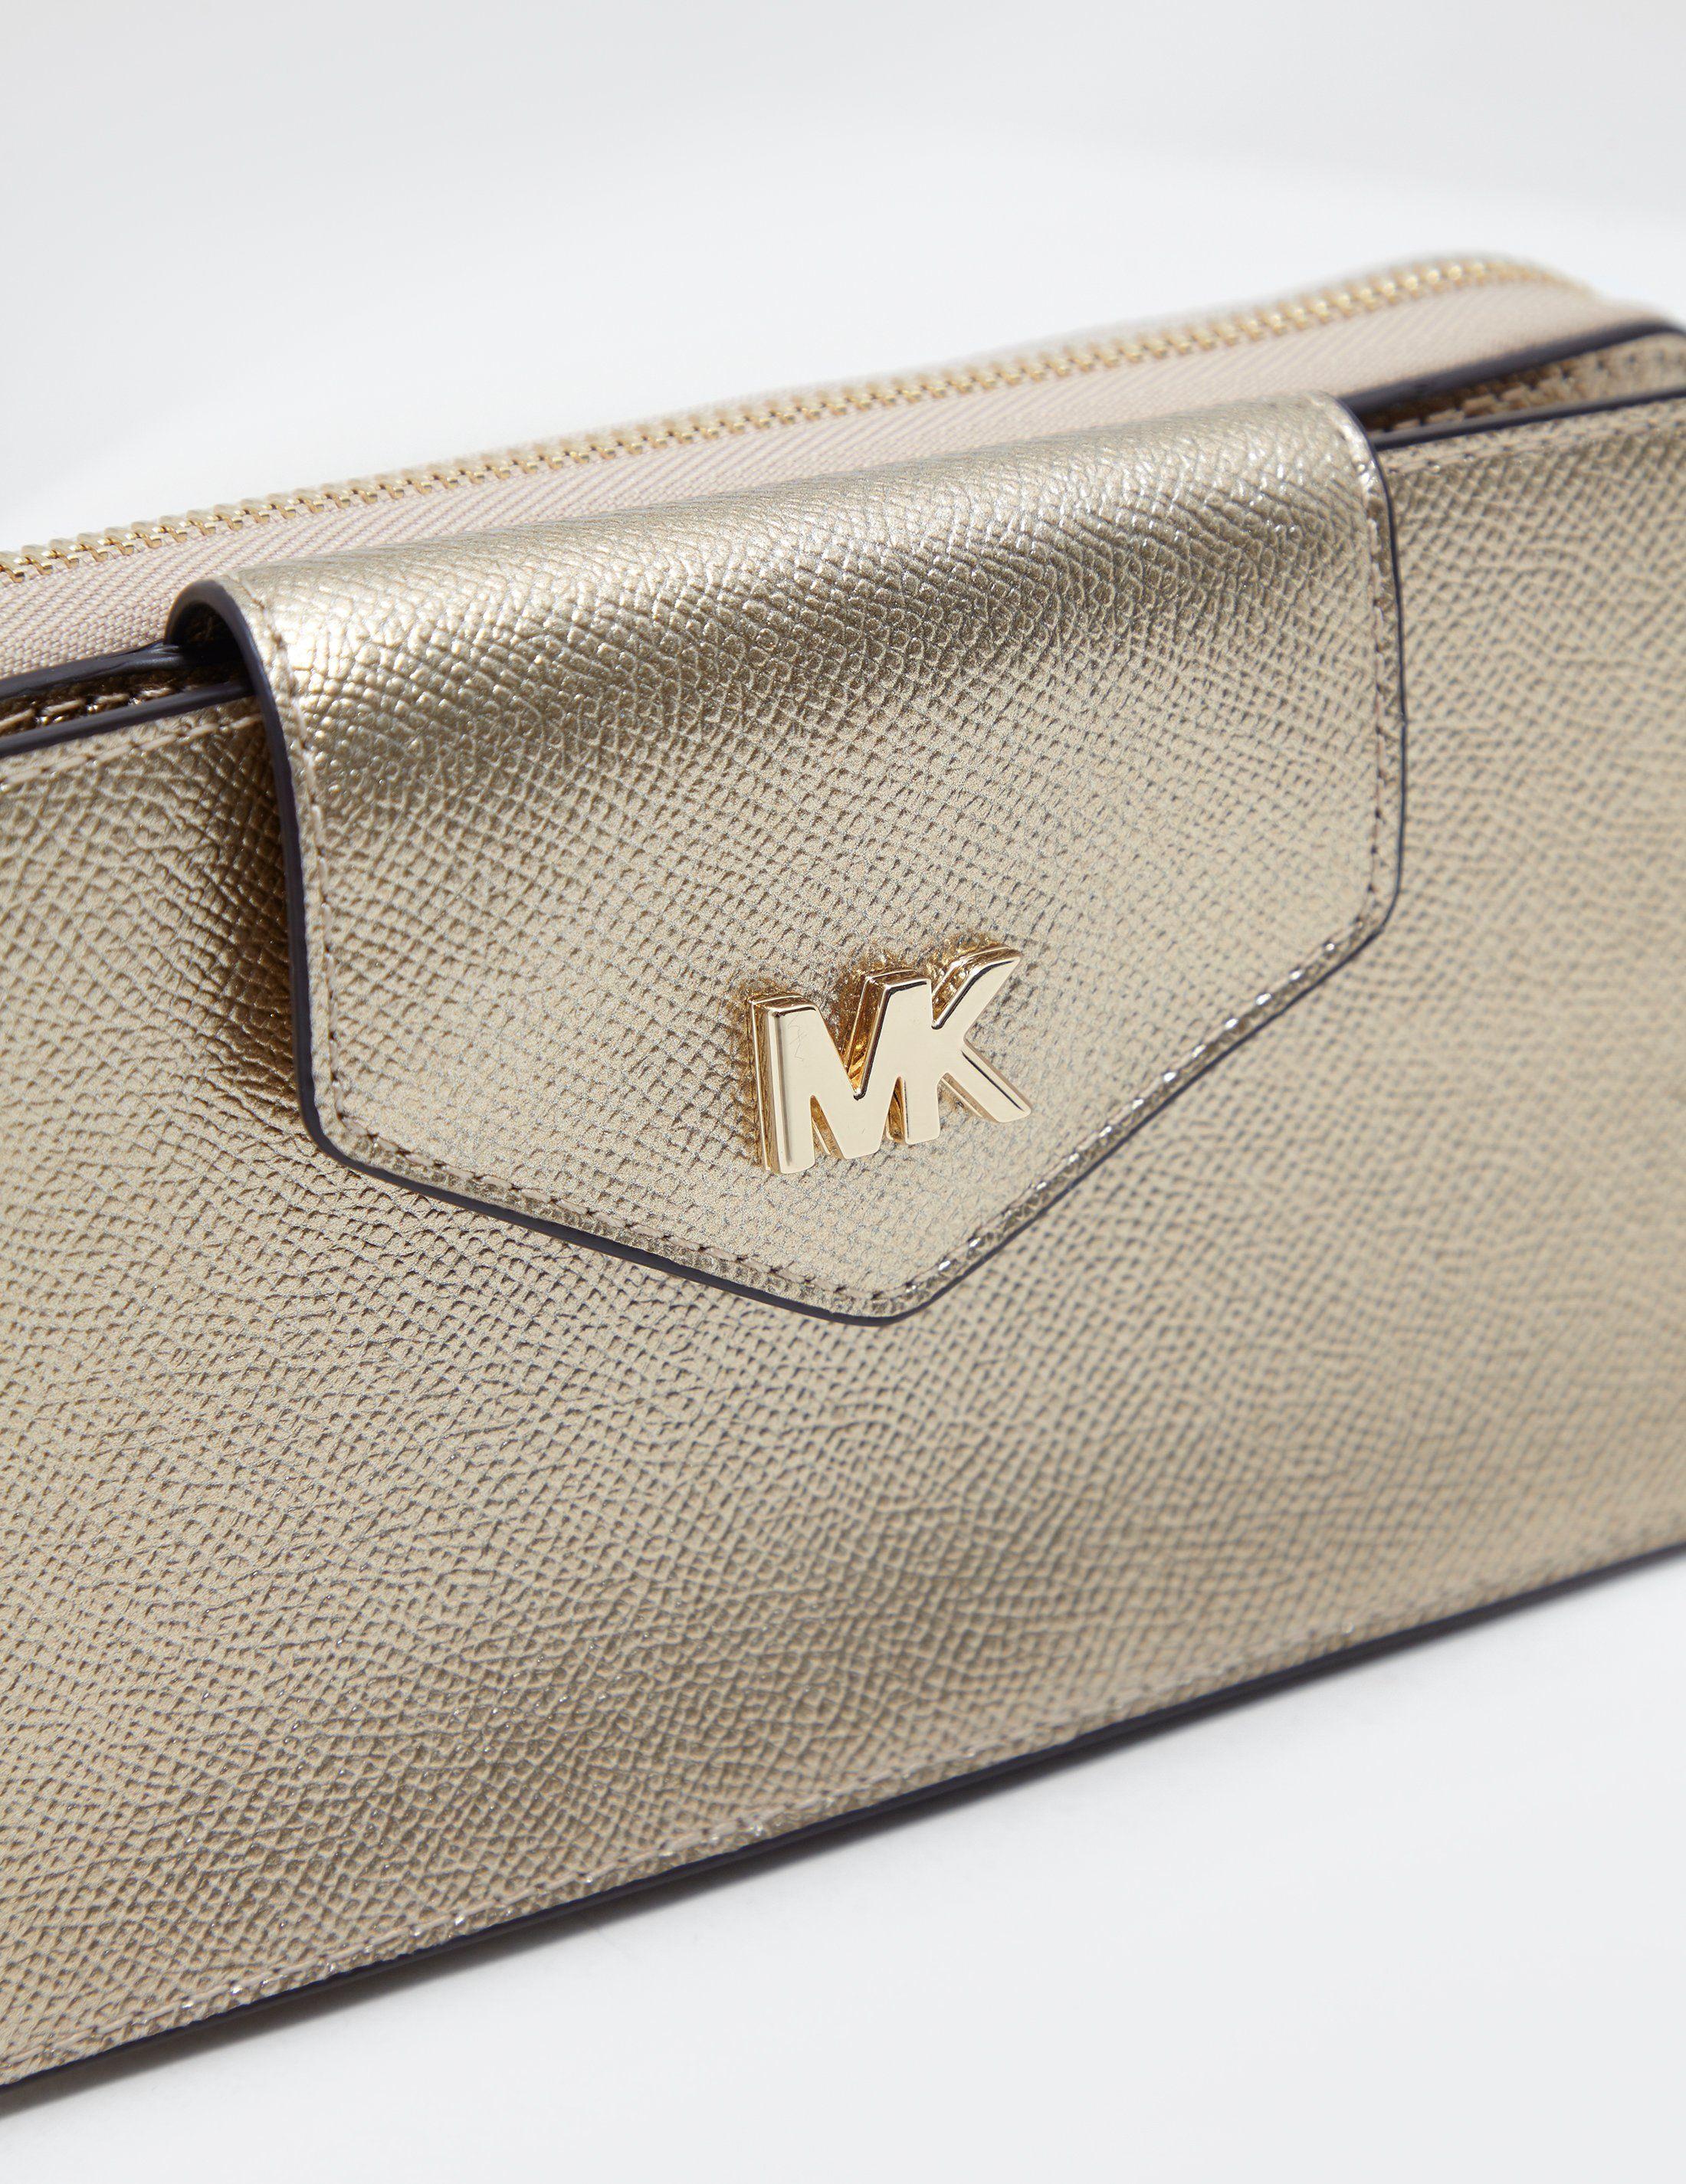 Michael Kors Small Flap Shoulder Bag